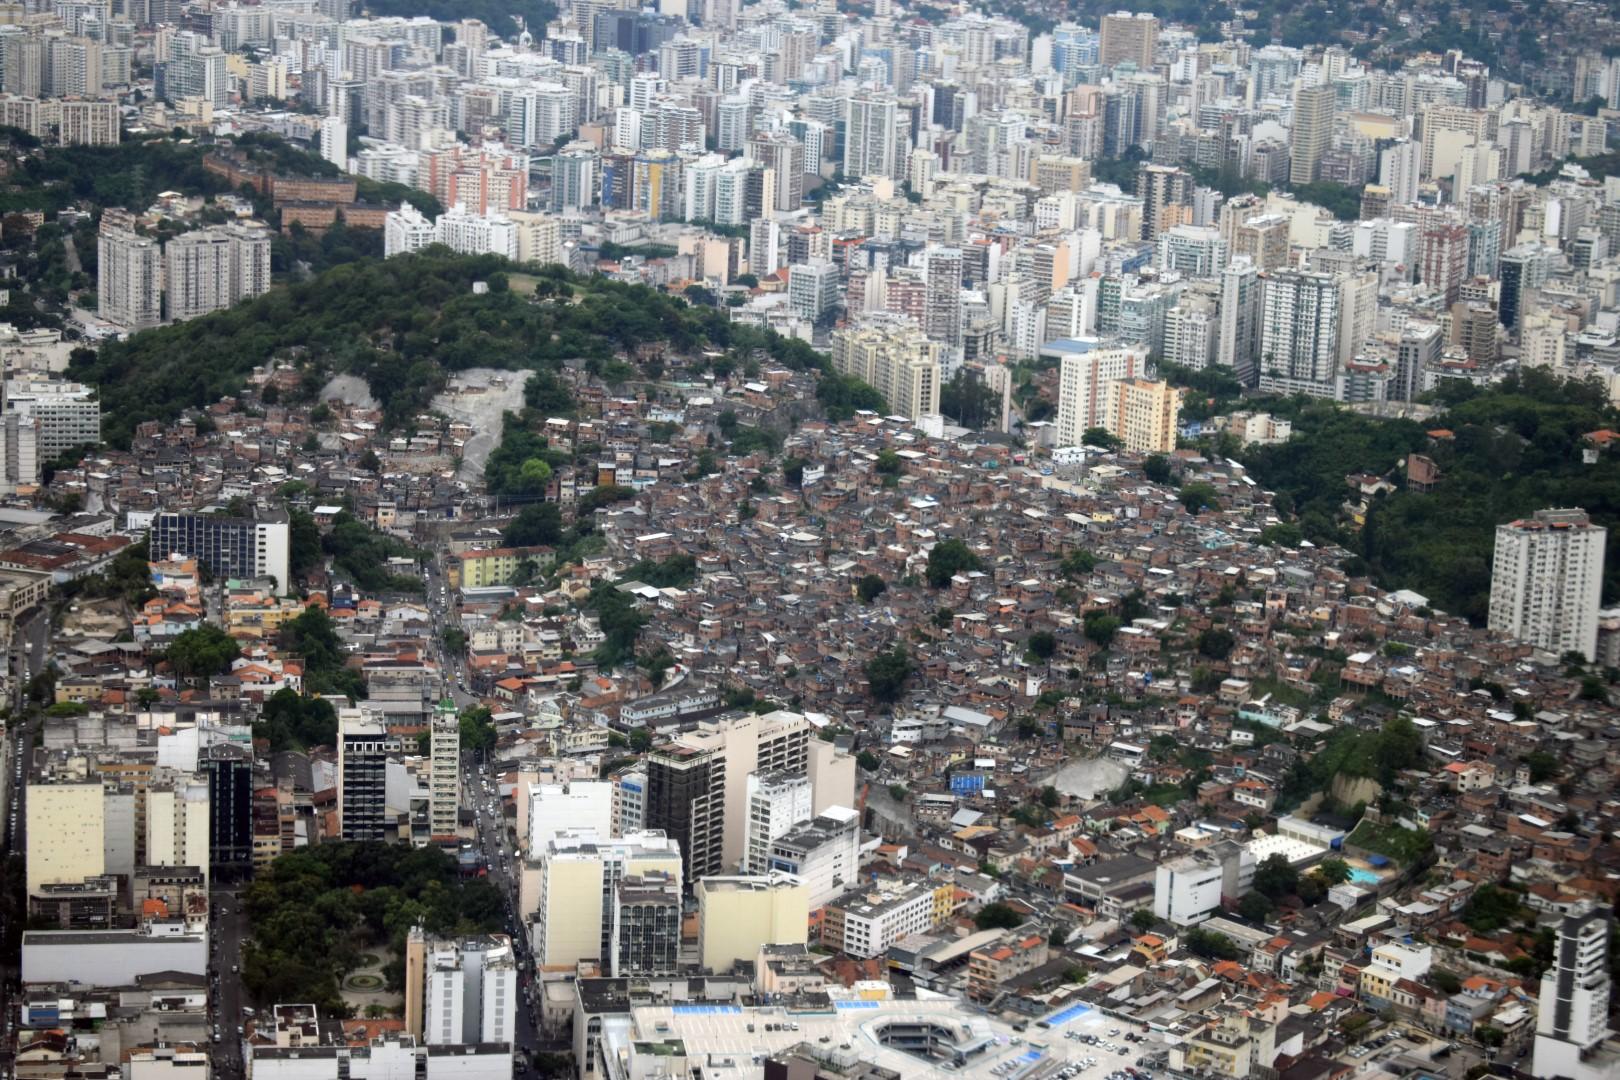 Flying above Rio de Janeiro